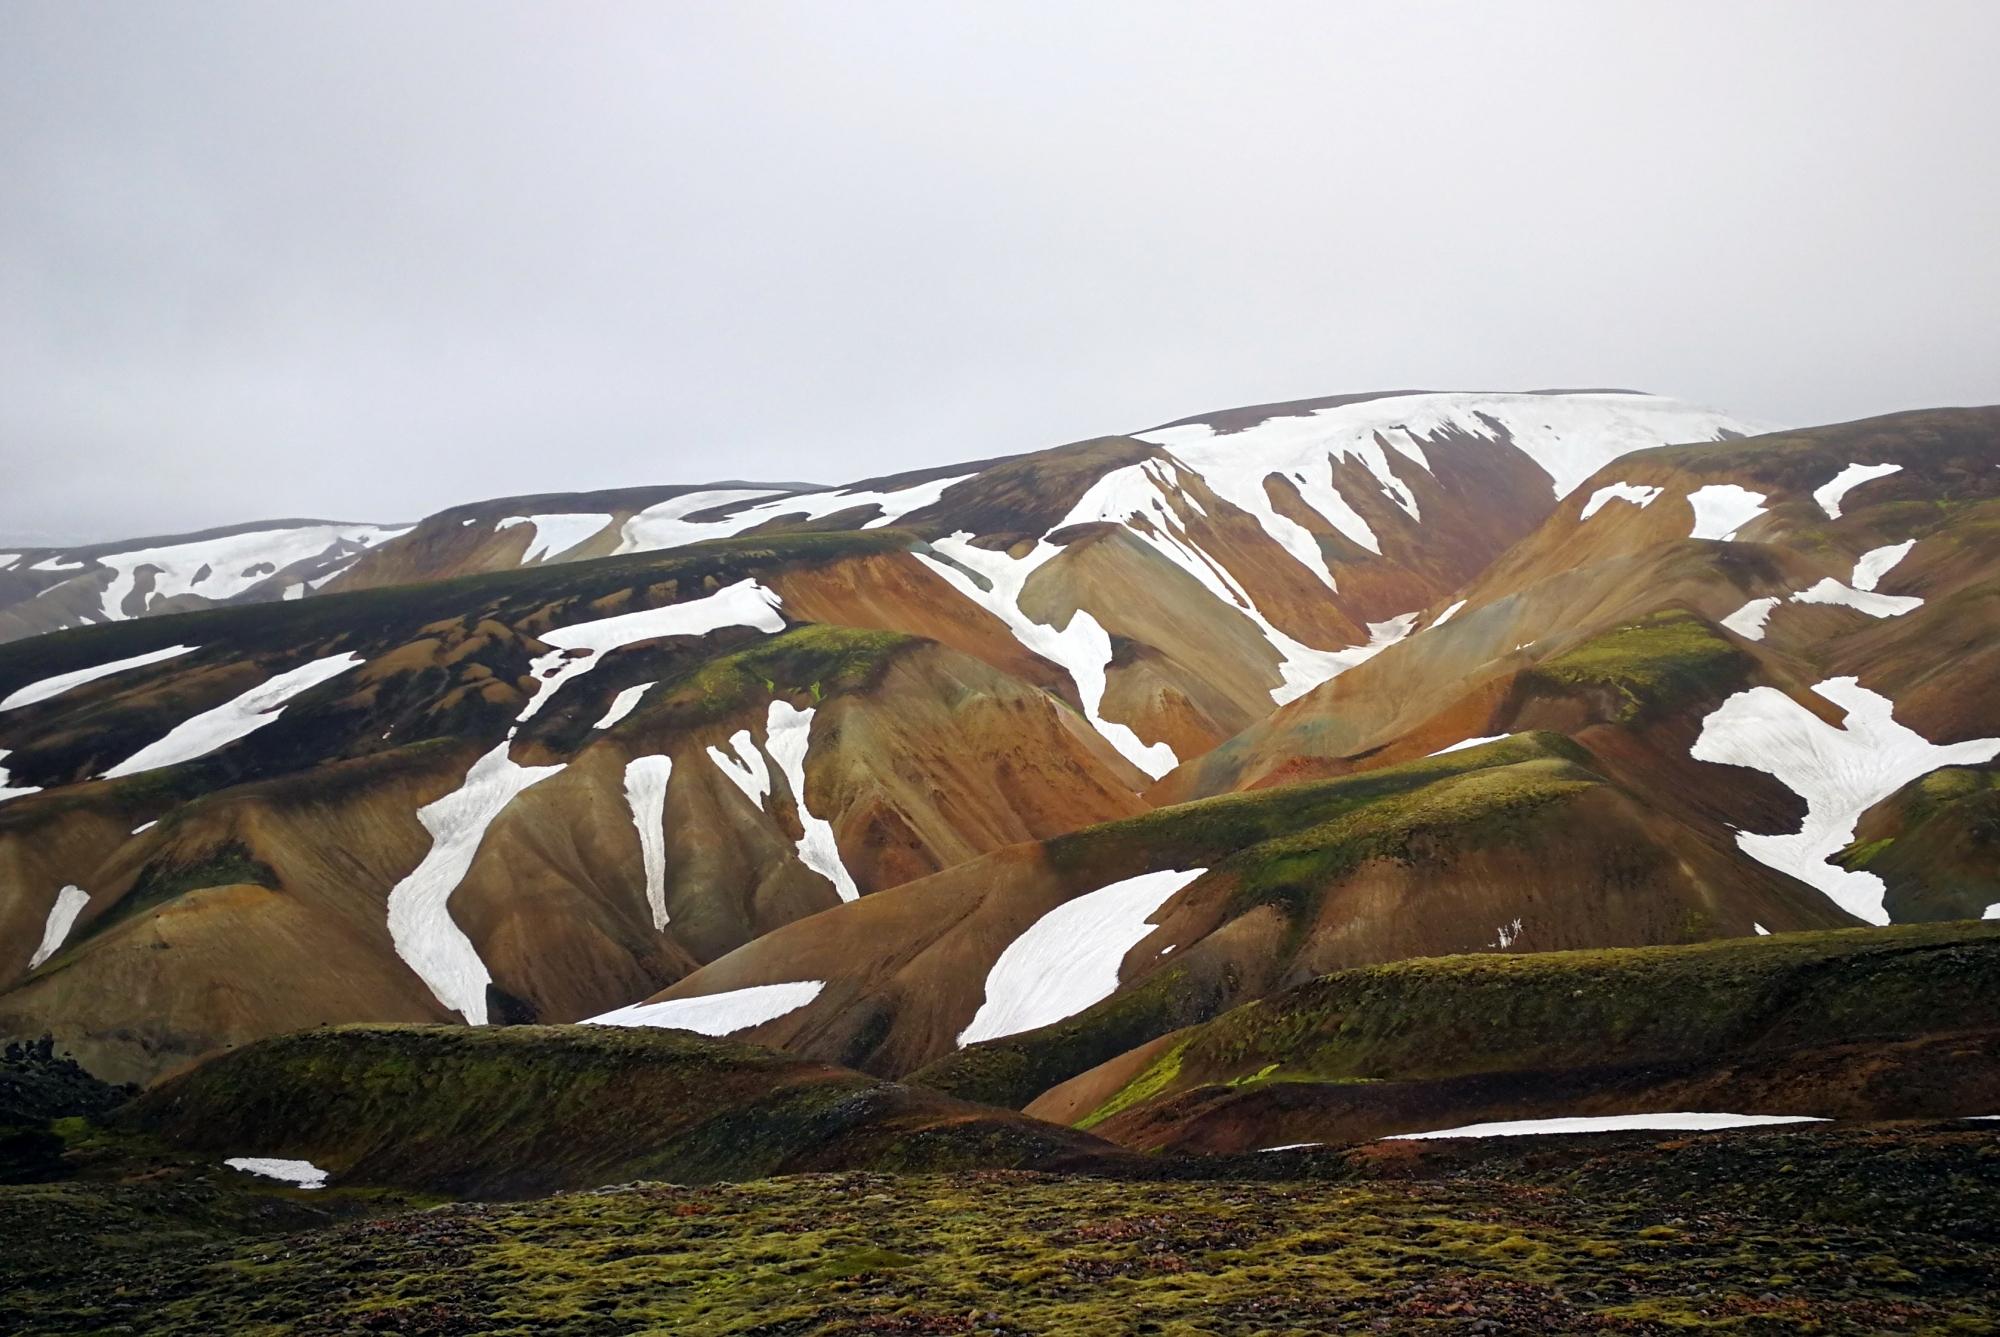 Cudowne Landmannalaugar!